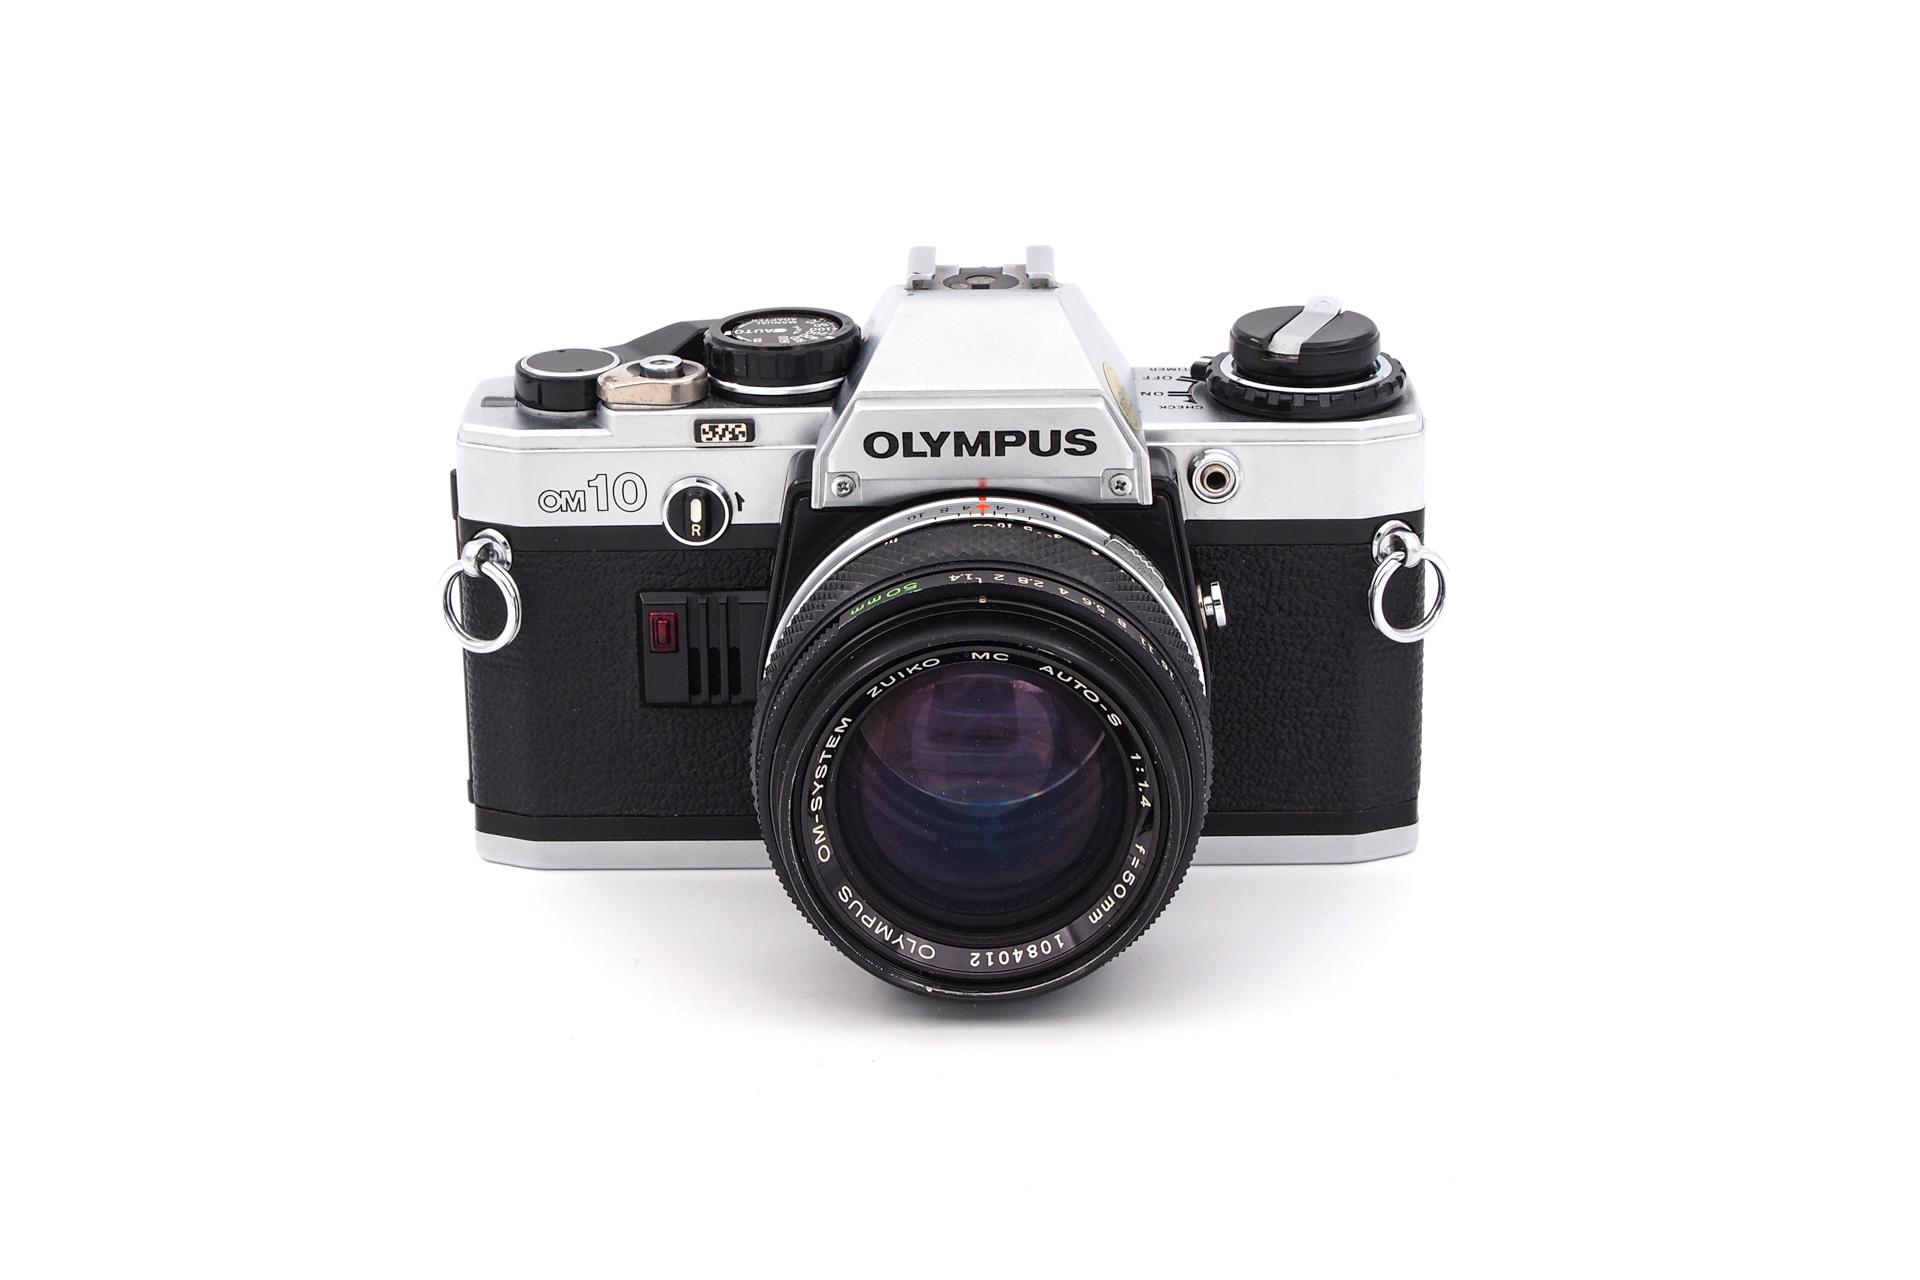 Olympus OM-10 + 50mm F/1.4